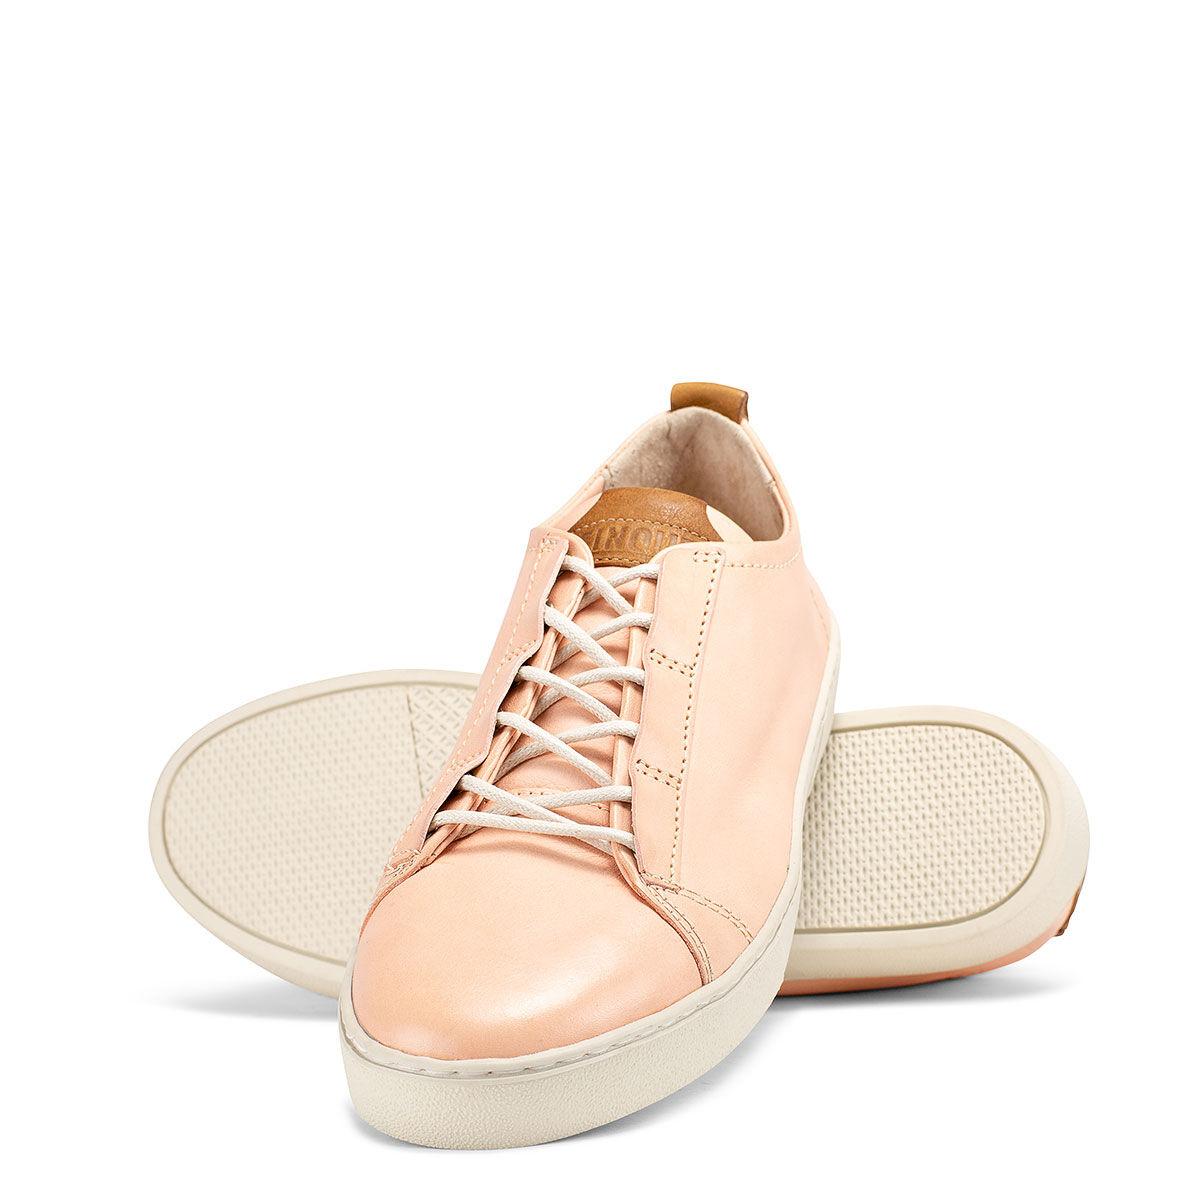 CINQUE women Sneaker CI-21956-10-39-201-36 leo/ multi